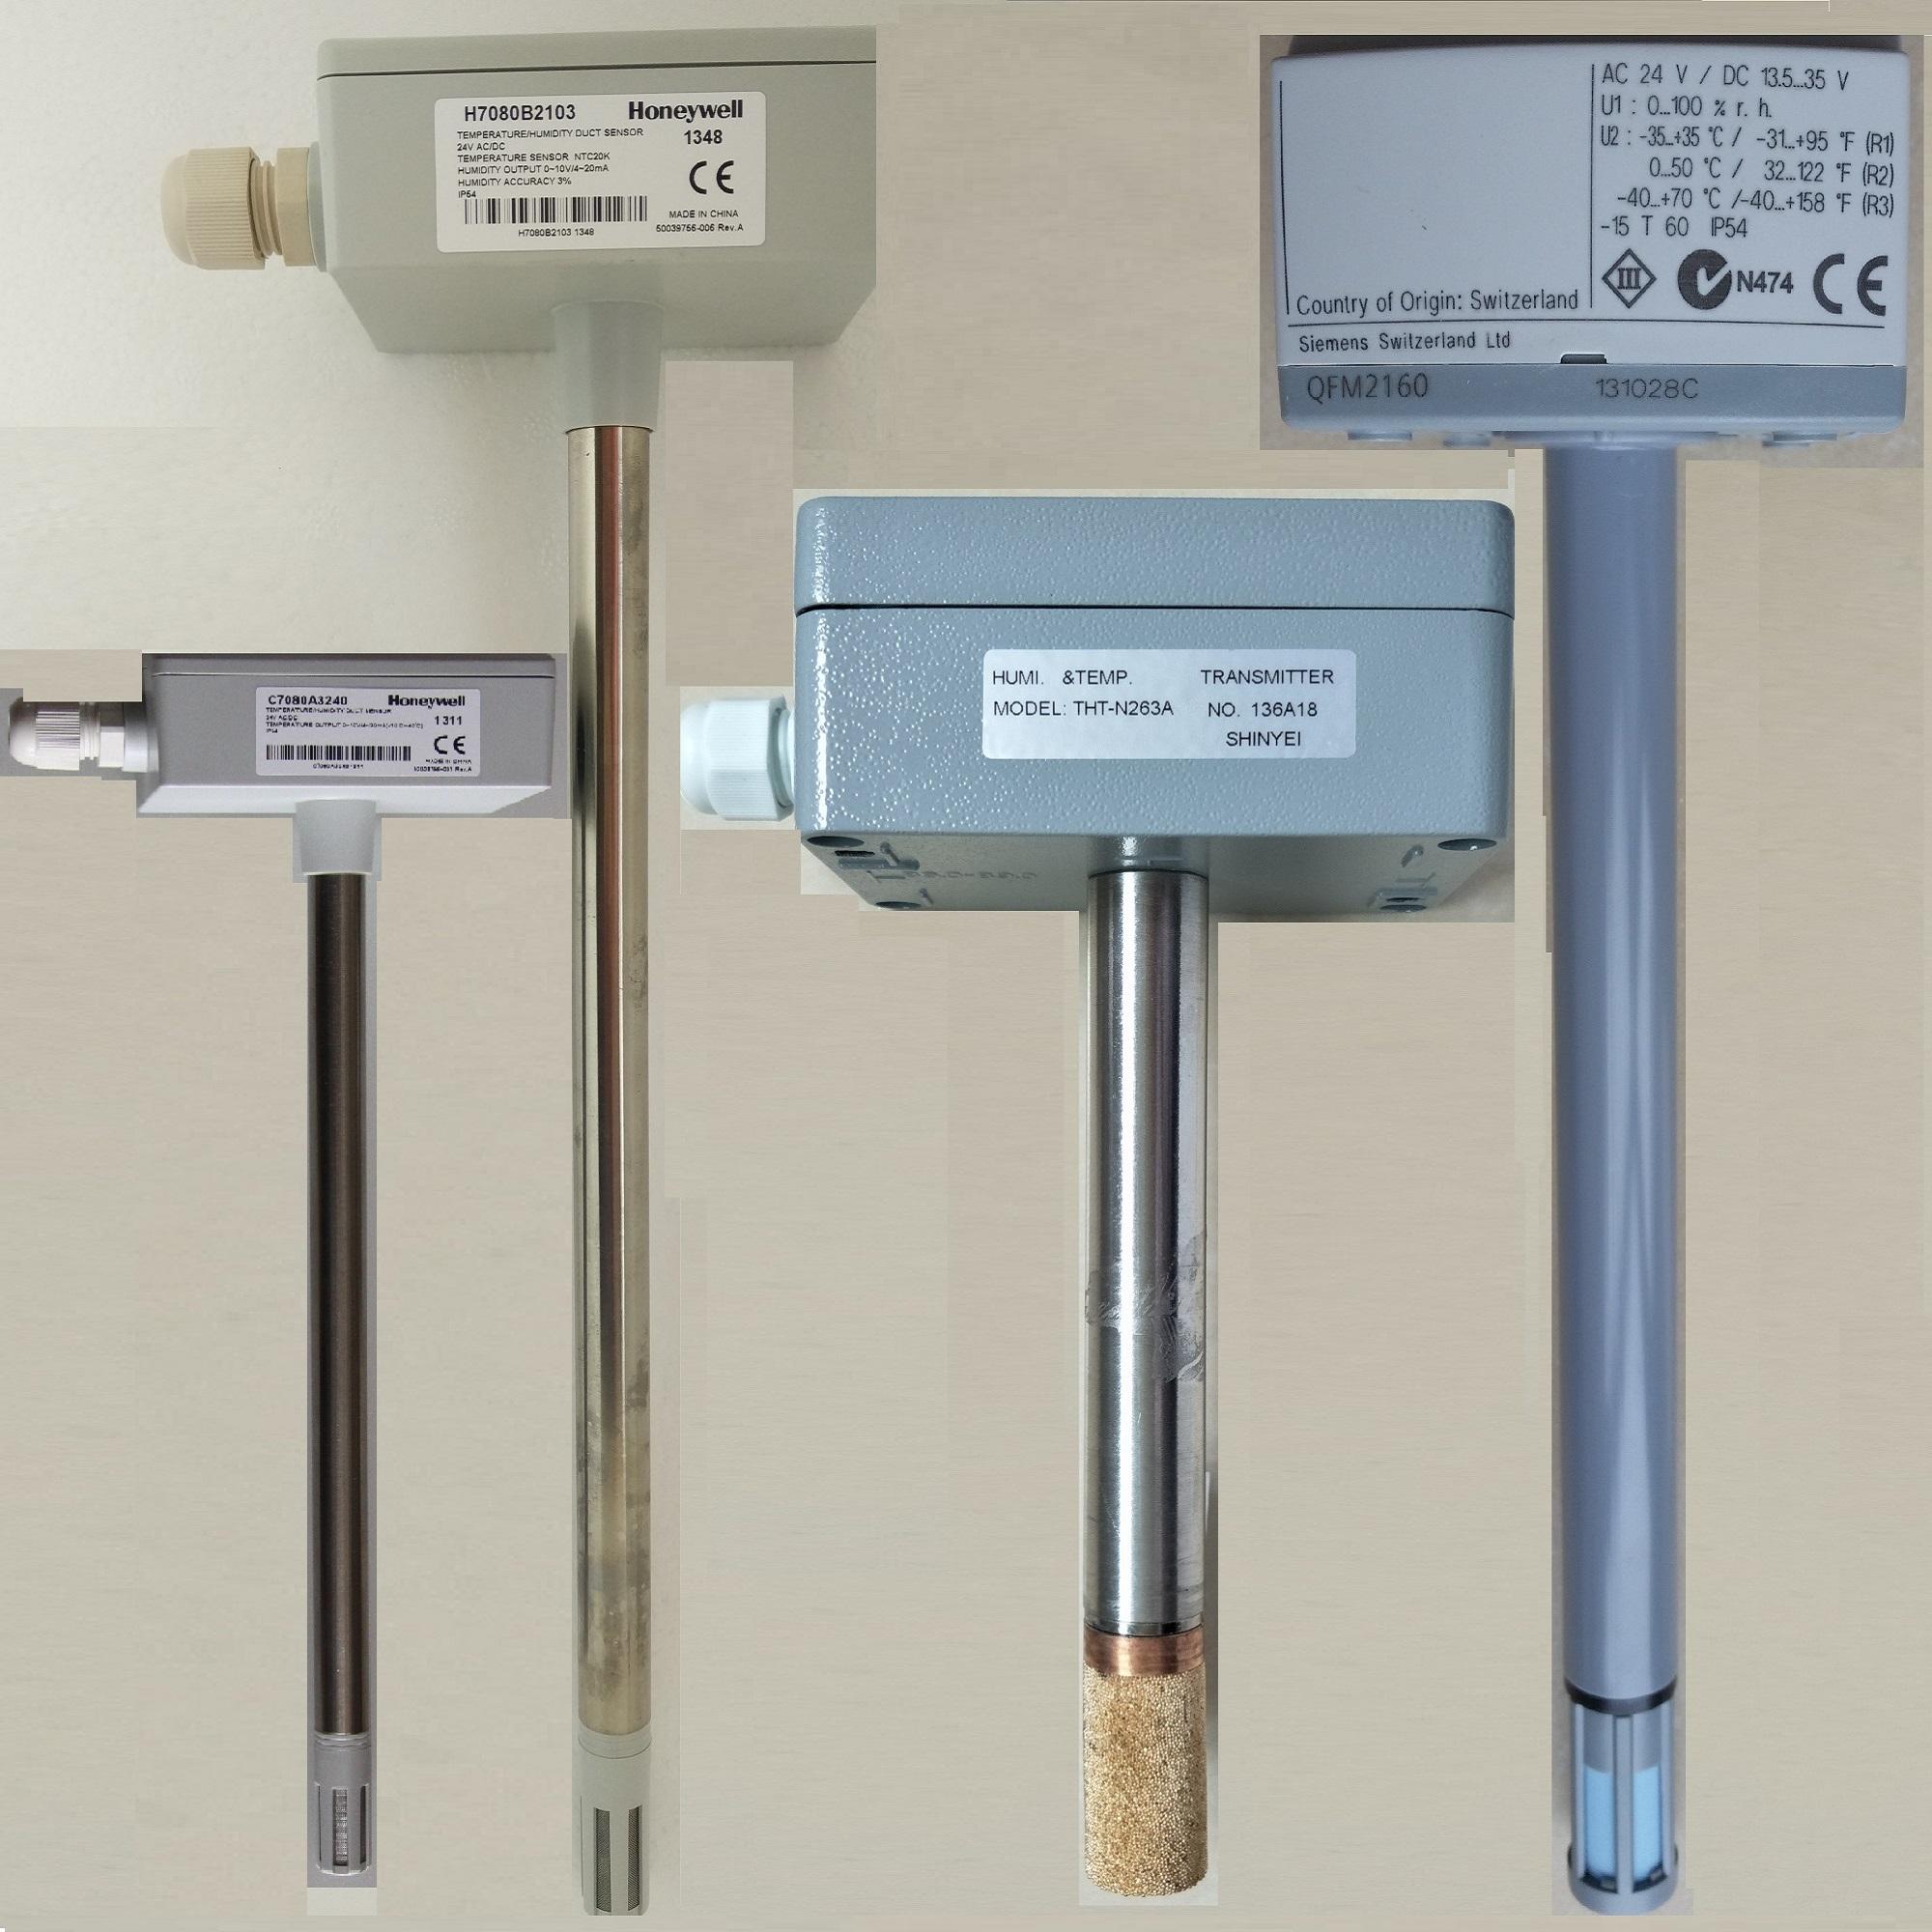 温湿度传感器QFM2160 风管温湿度传感变送器